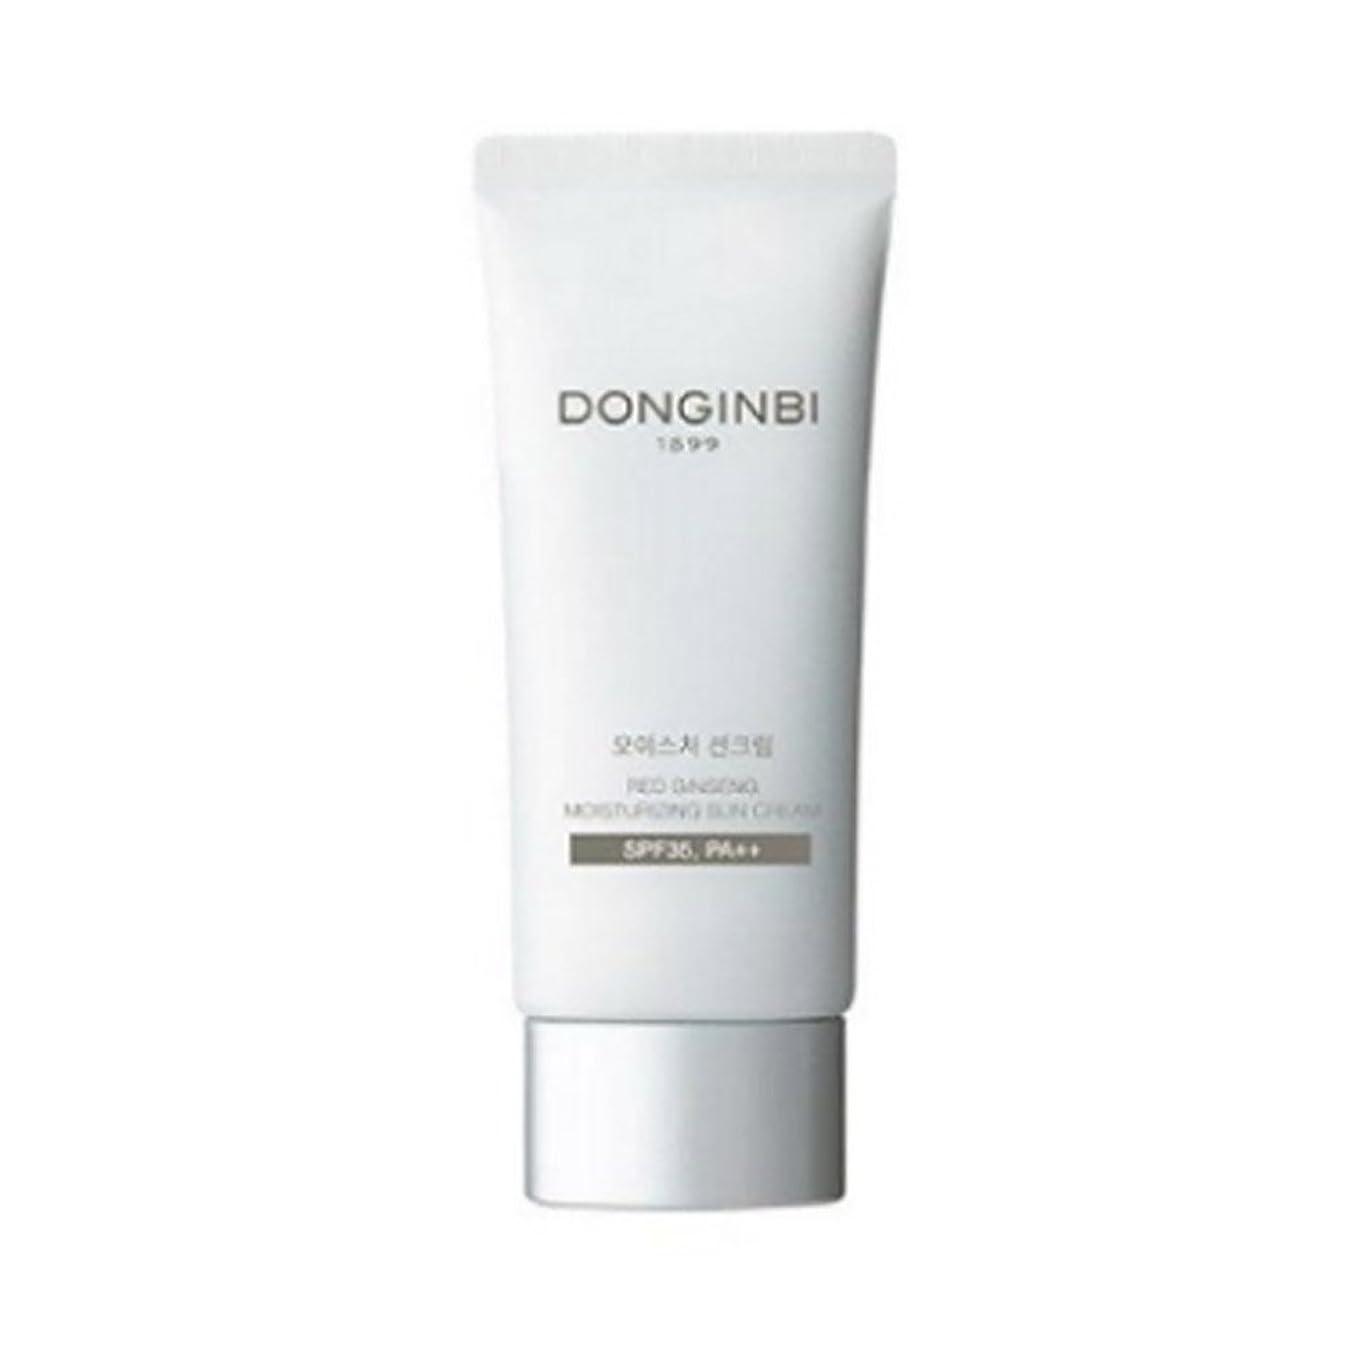 [ドンインビ]DONGINBIドンインビモイスチャーサンクリーム50ml 海外直送品Moisture suncream SPF35 PA++ 50ml [並行輸入品]